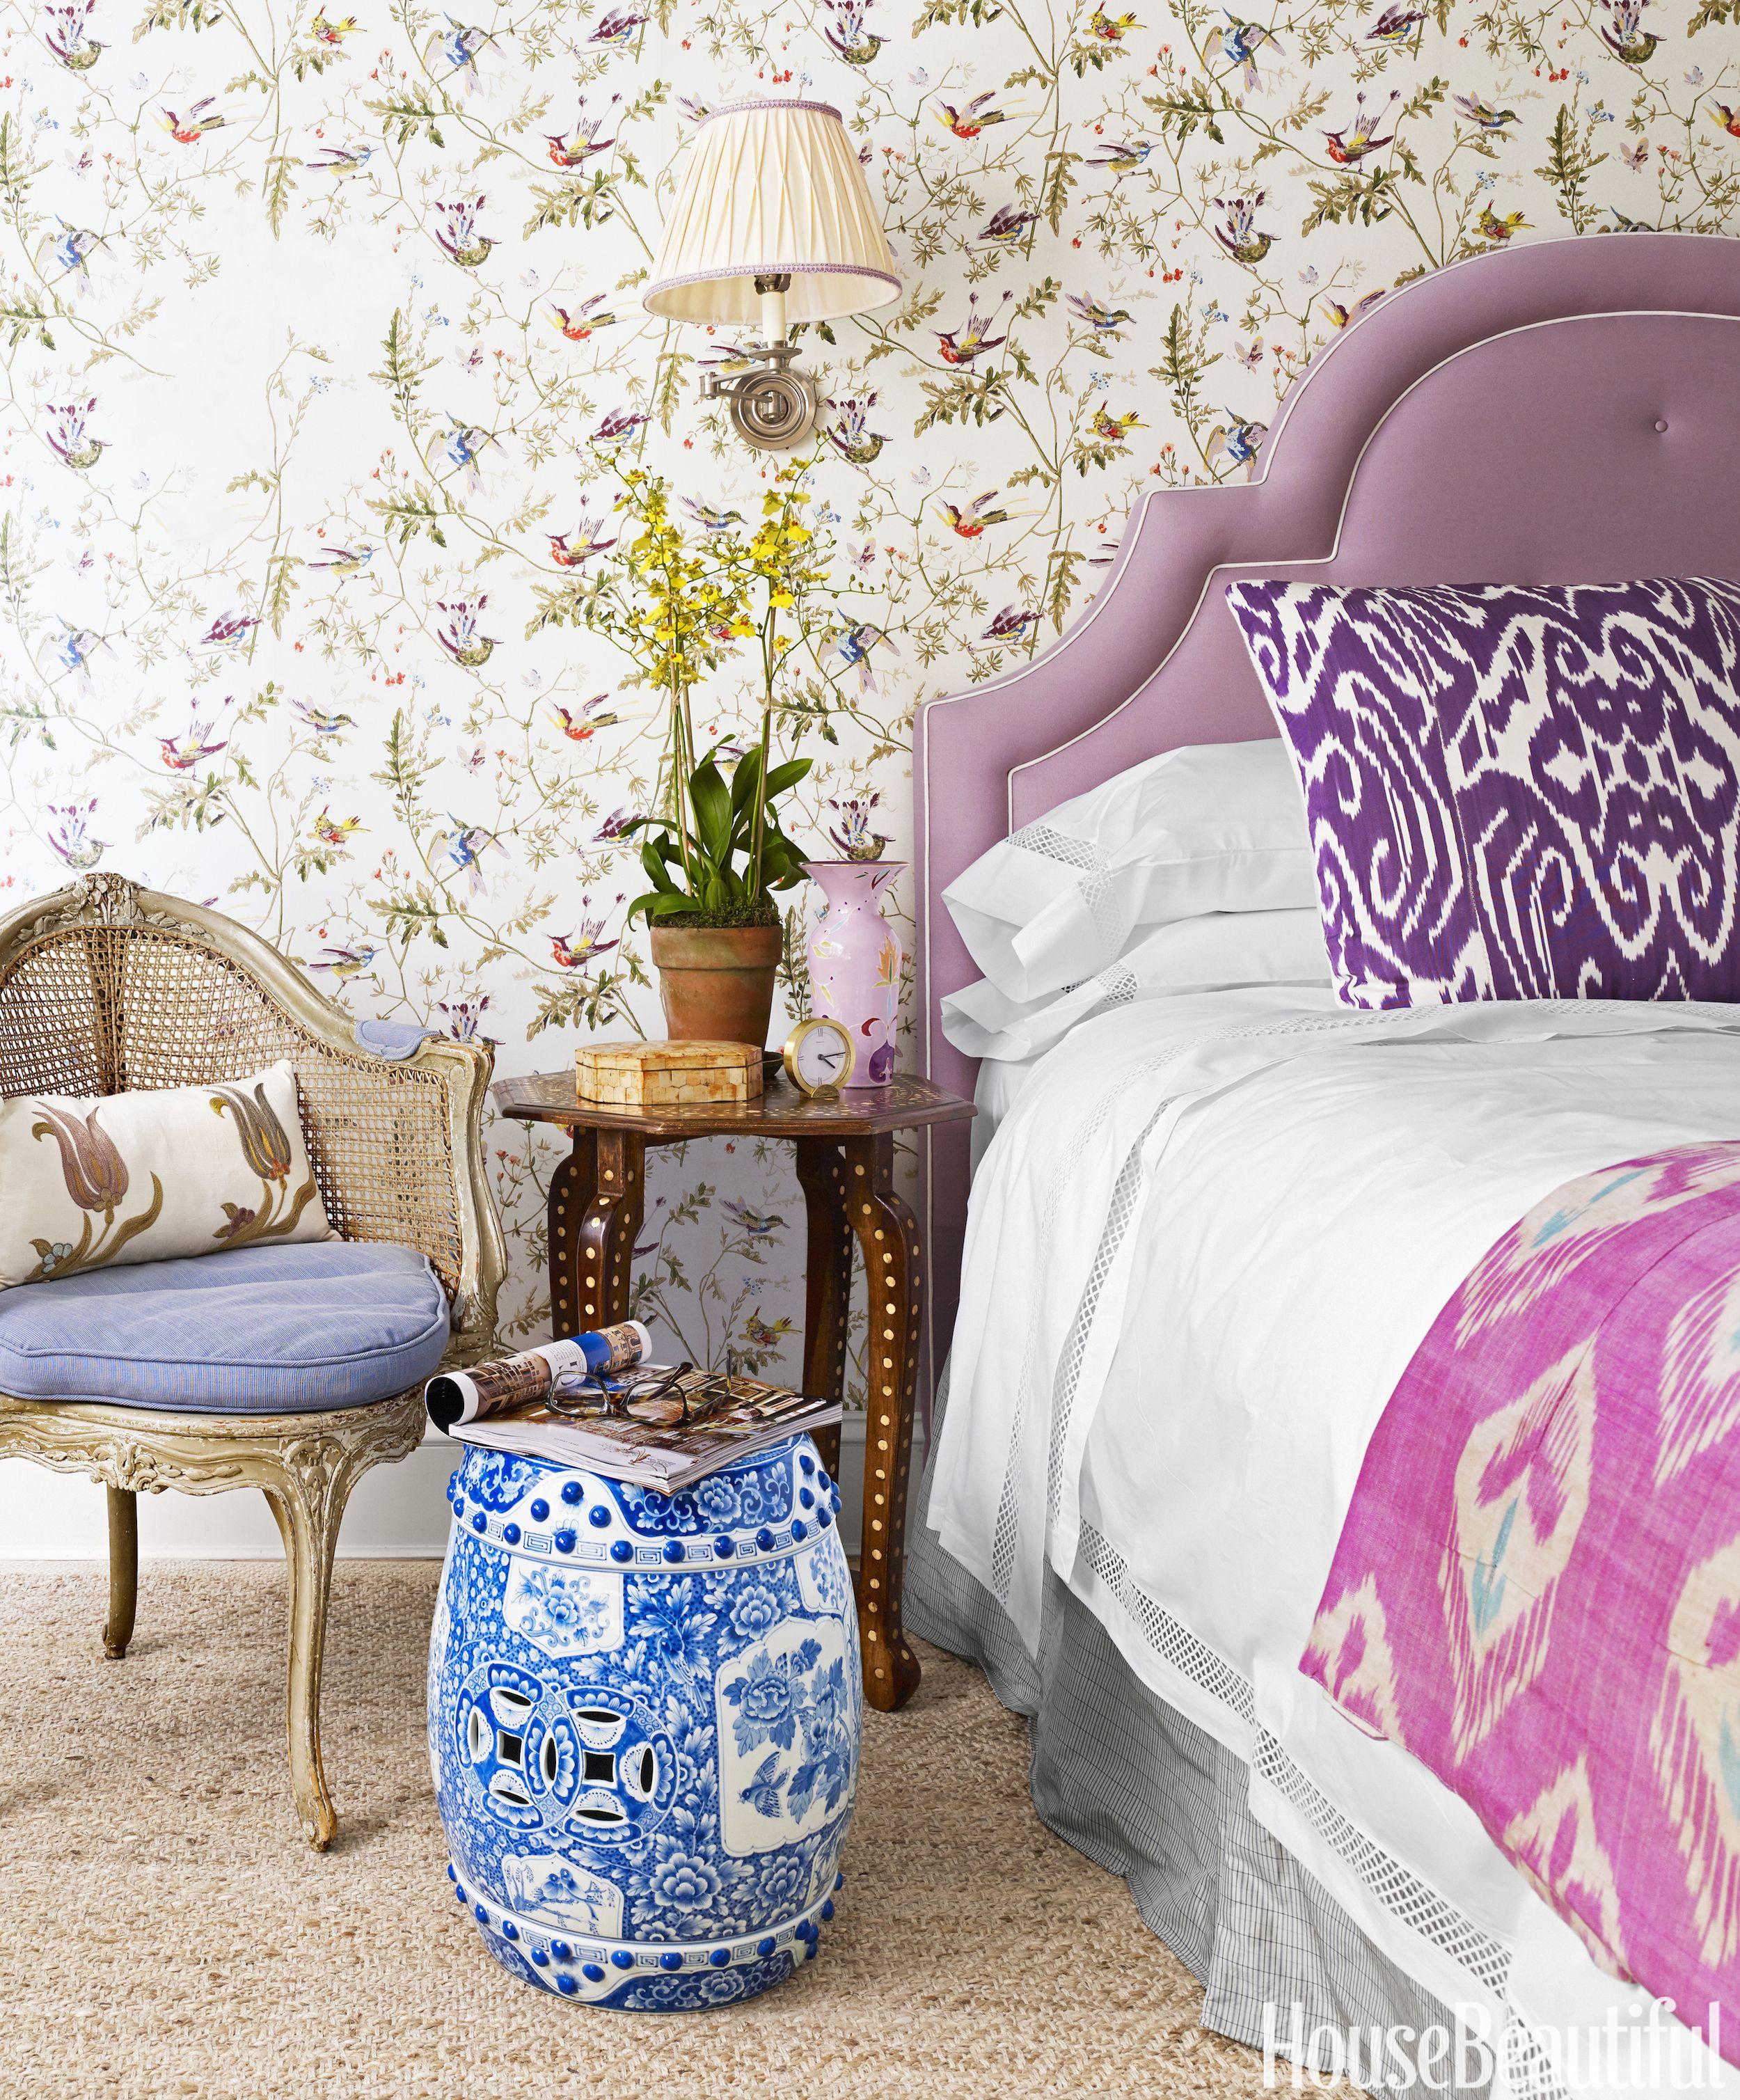 100 Bedroom Designs That Will Inspire You Bedrooms Master bedroom